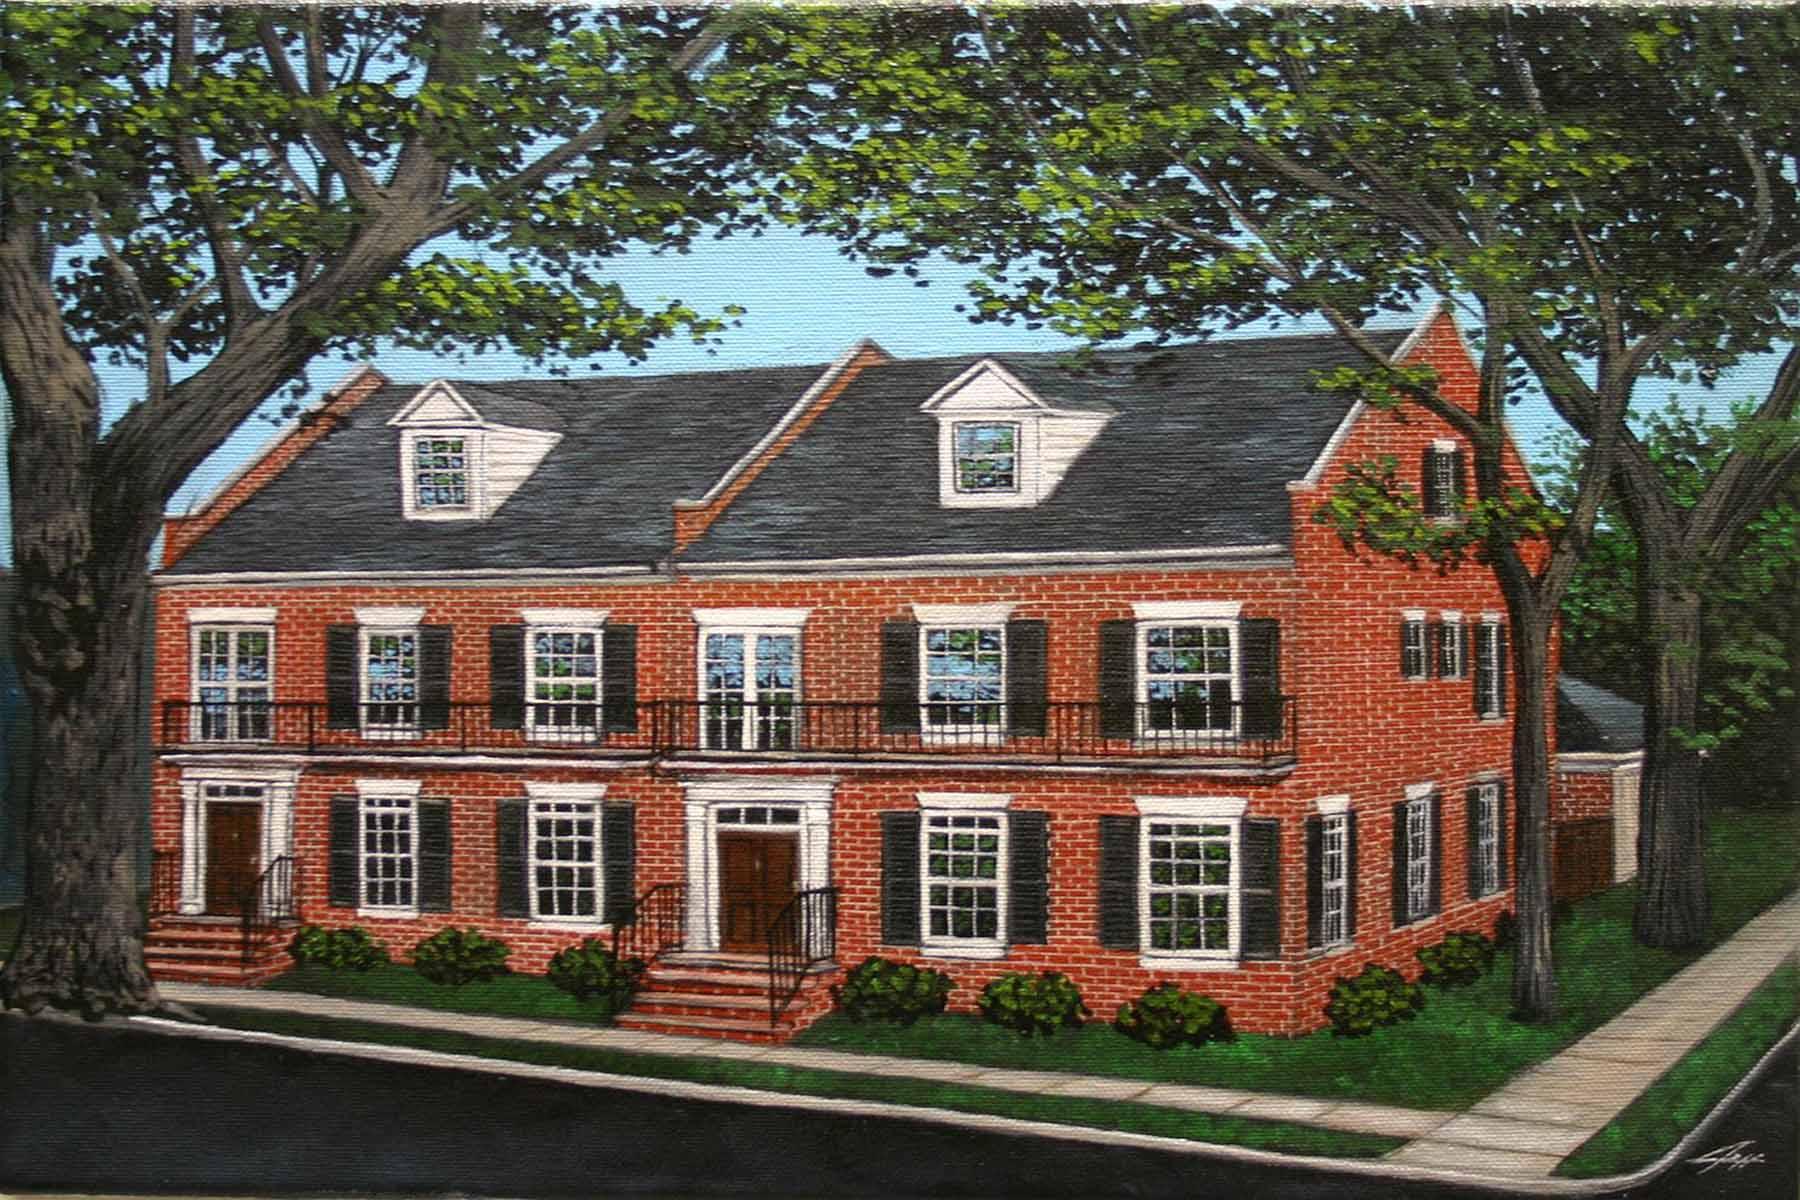 타운하우스 용 매매 에 Charming townhomes in historic Downtown Newman! 00 Perry Street Newnan, 조지아, 30263 미국